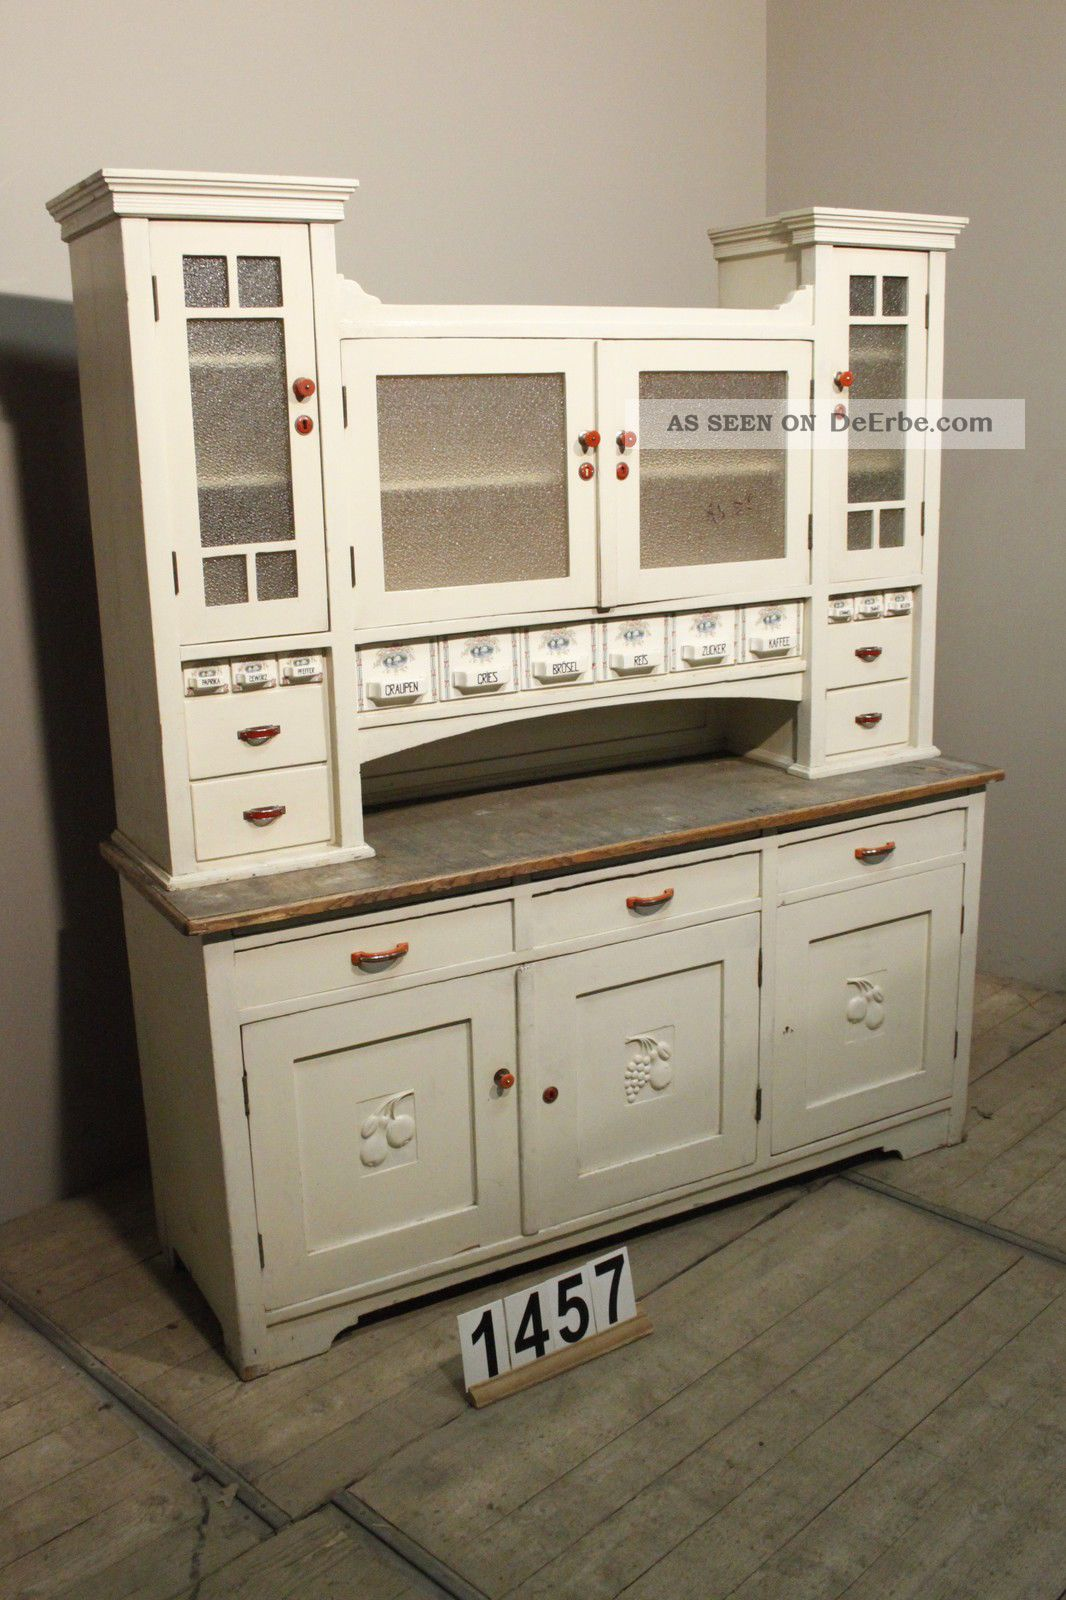 alte küchenschränke kaufen   küchenrenovierung aus alt mach neu